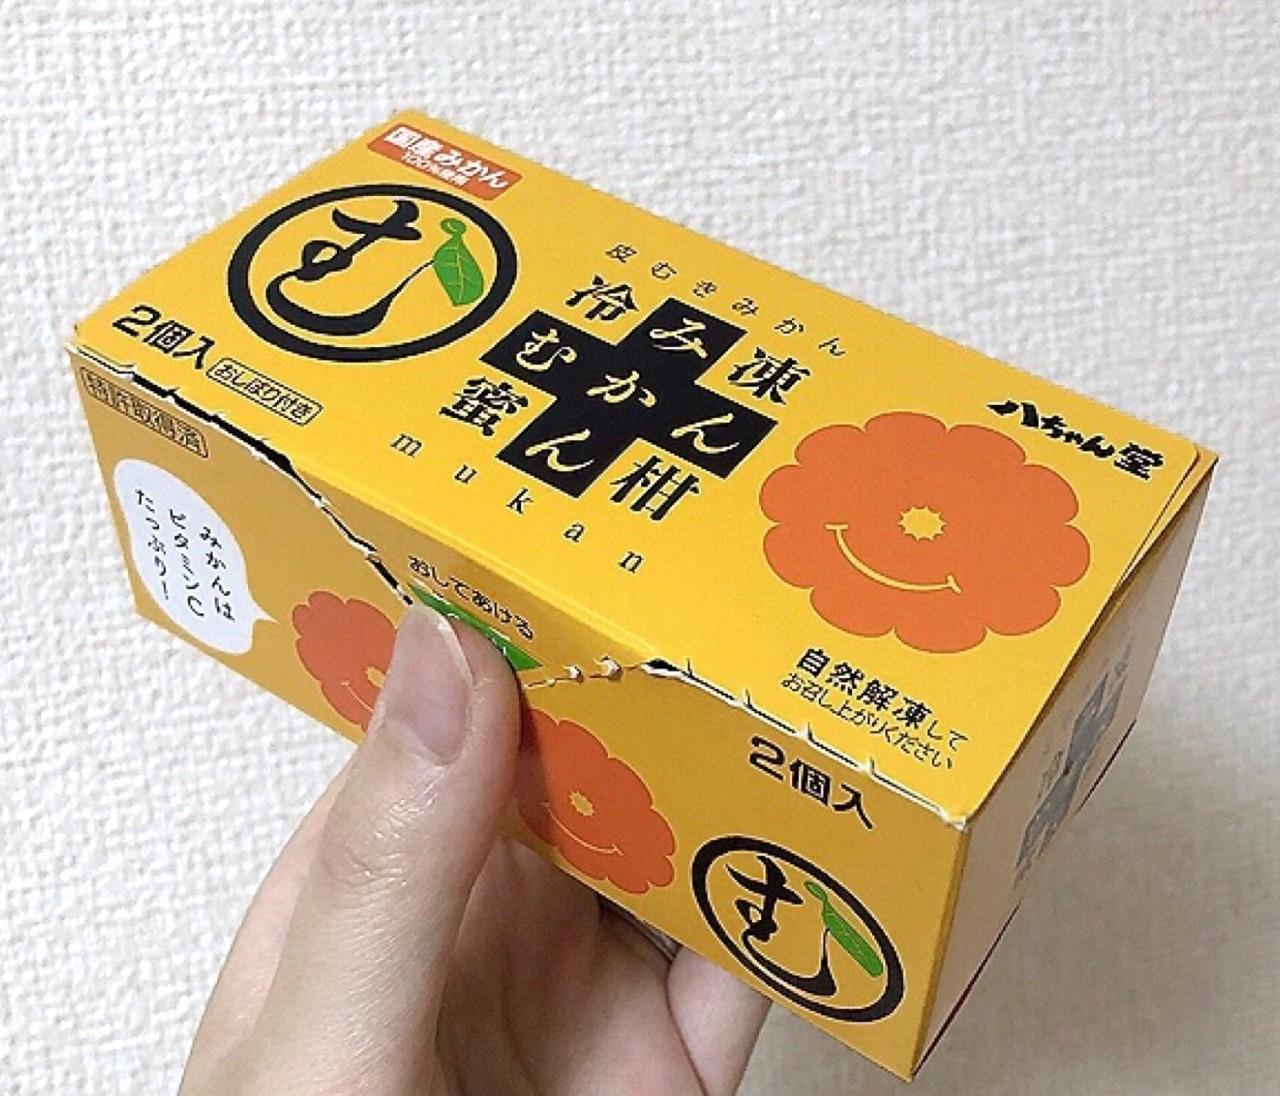 【コンビニアイス】ビタミンCも取れる♡昔懐かしの冷凍●●●?